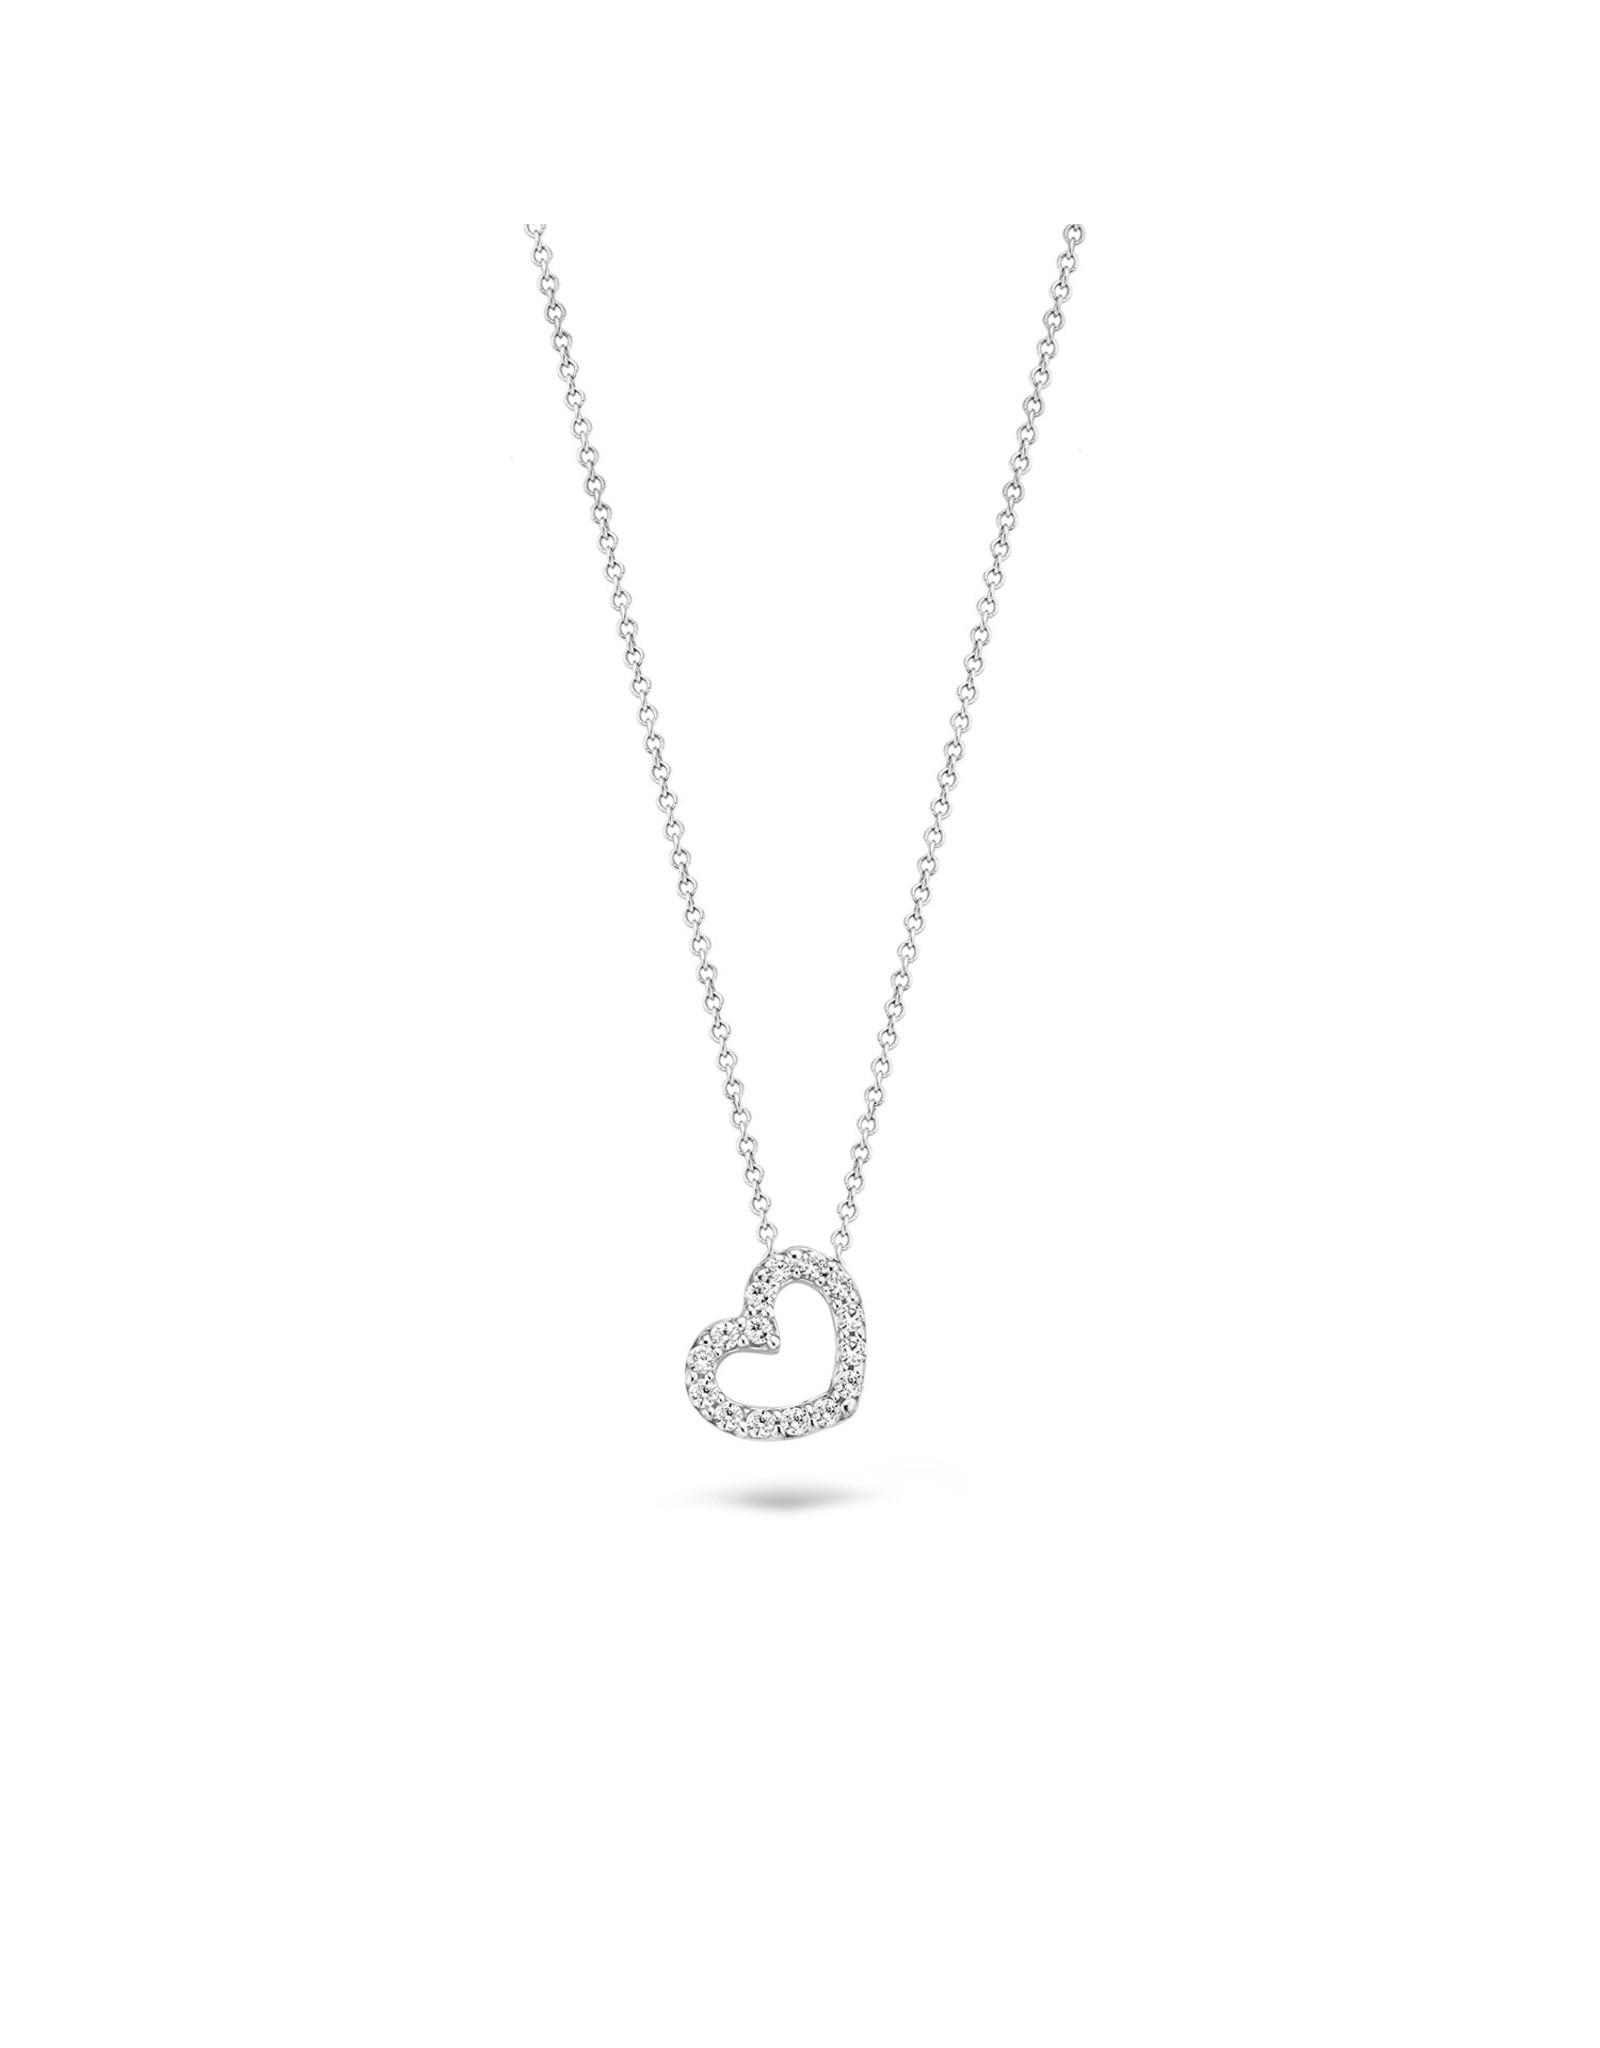 Blush Halsketting Hartje Wit Goud 14kt 3072WZI Zirconium